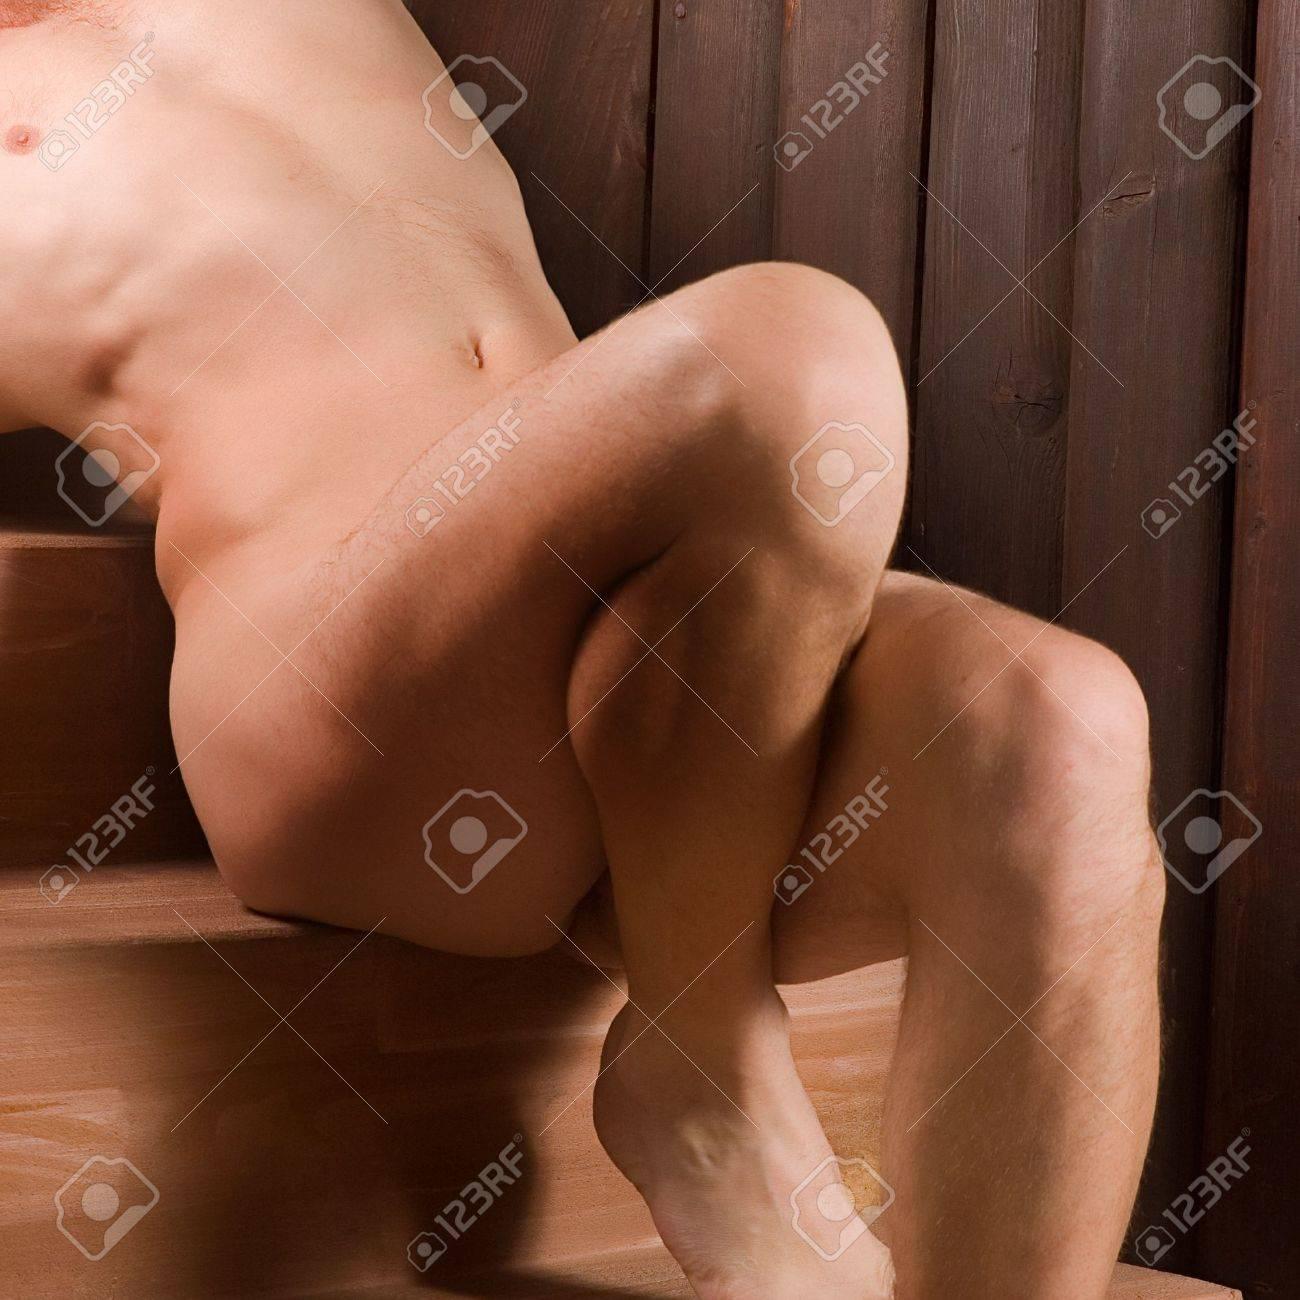 Fotos nackte männer